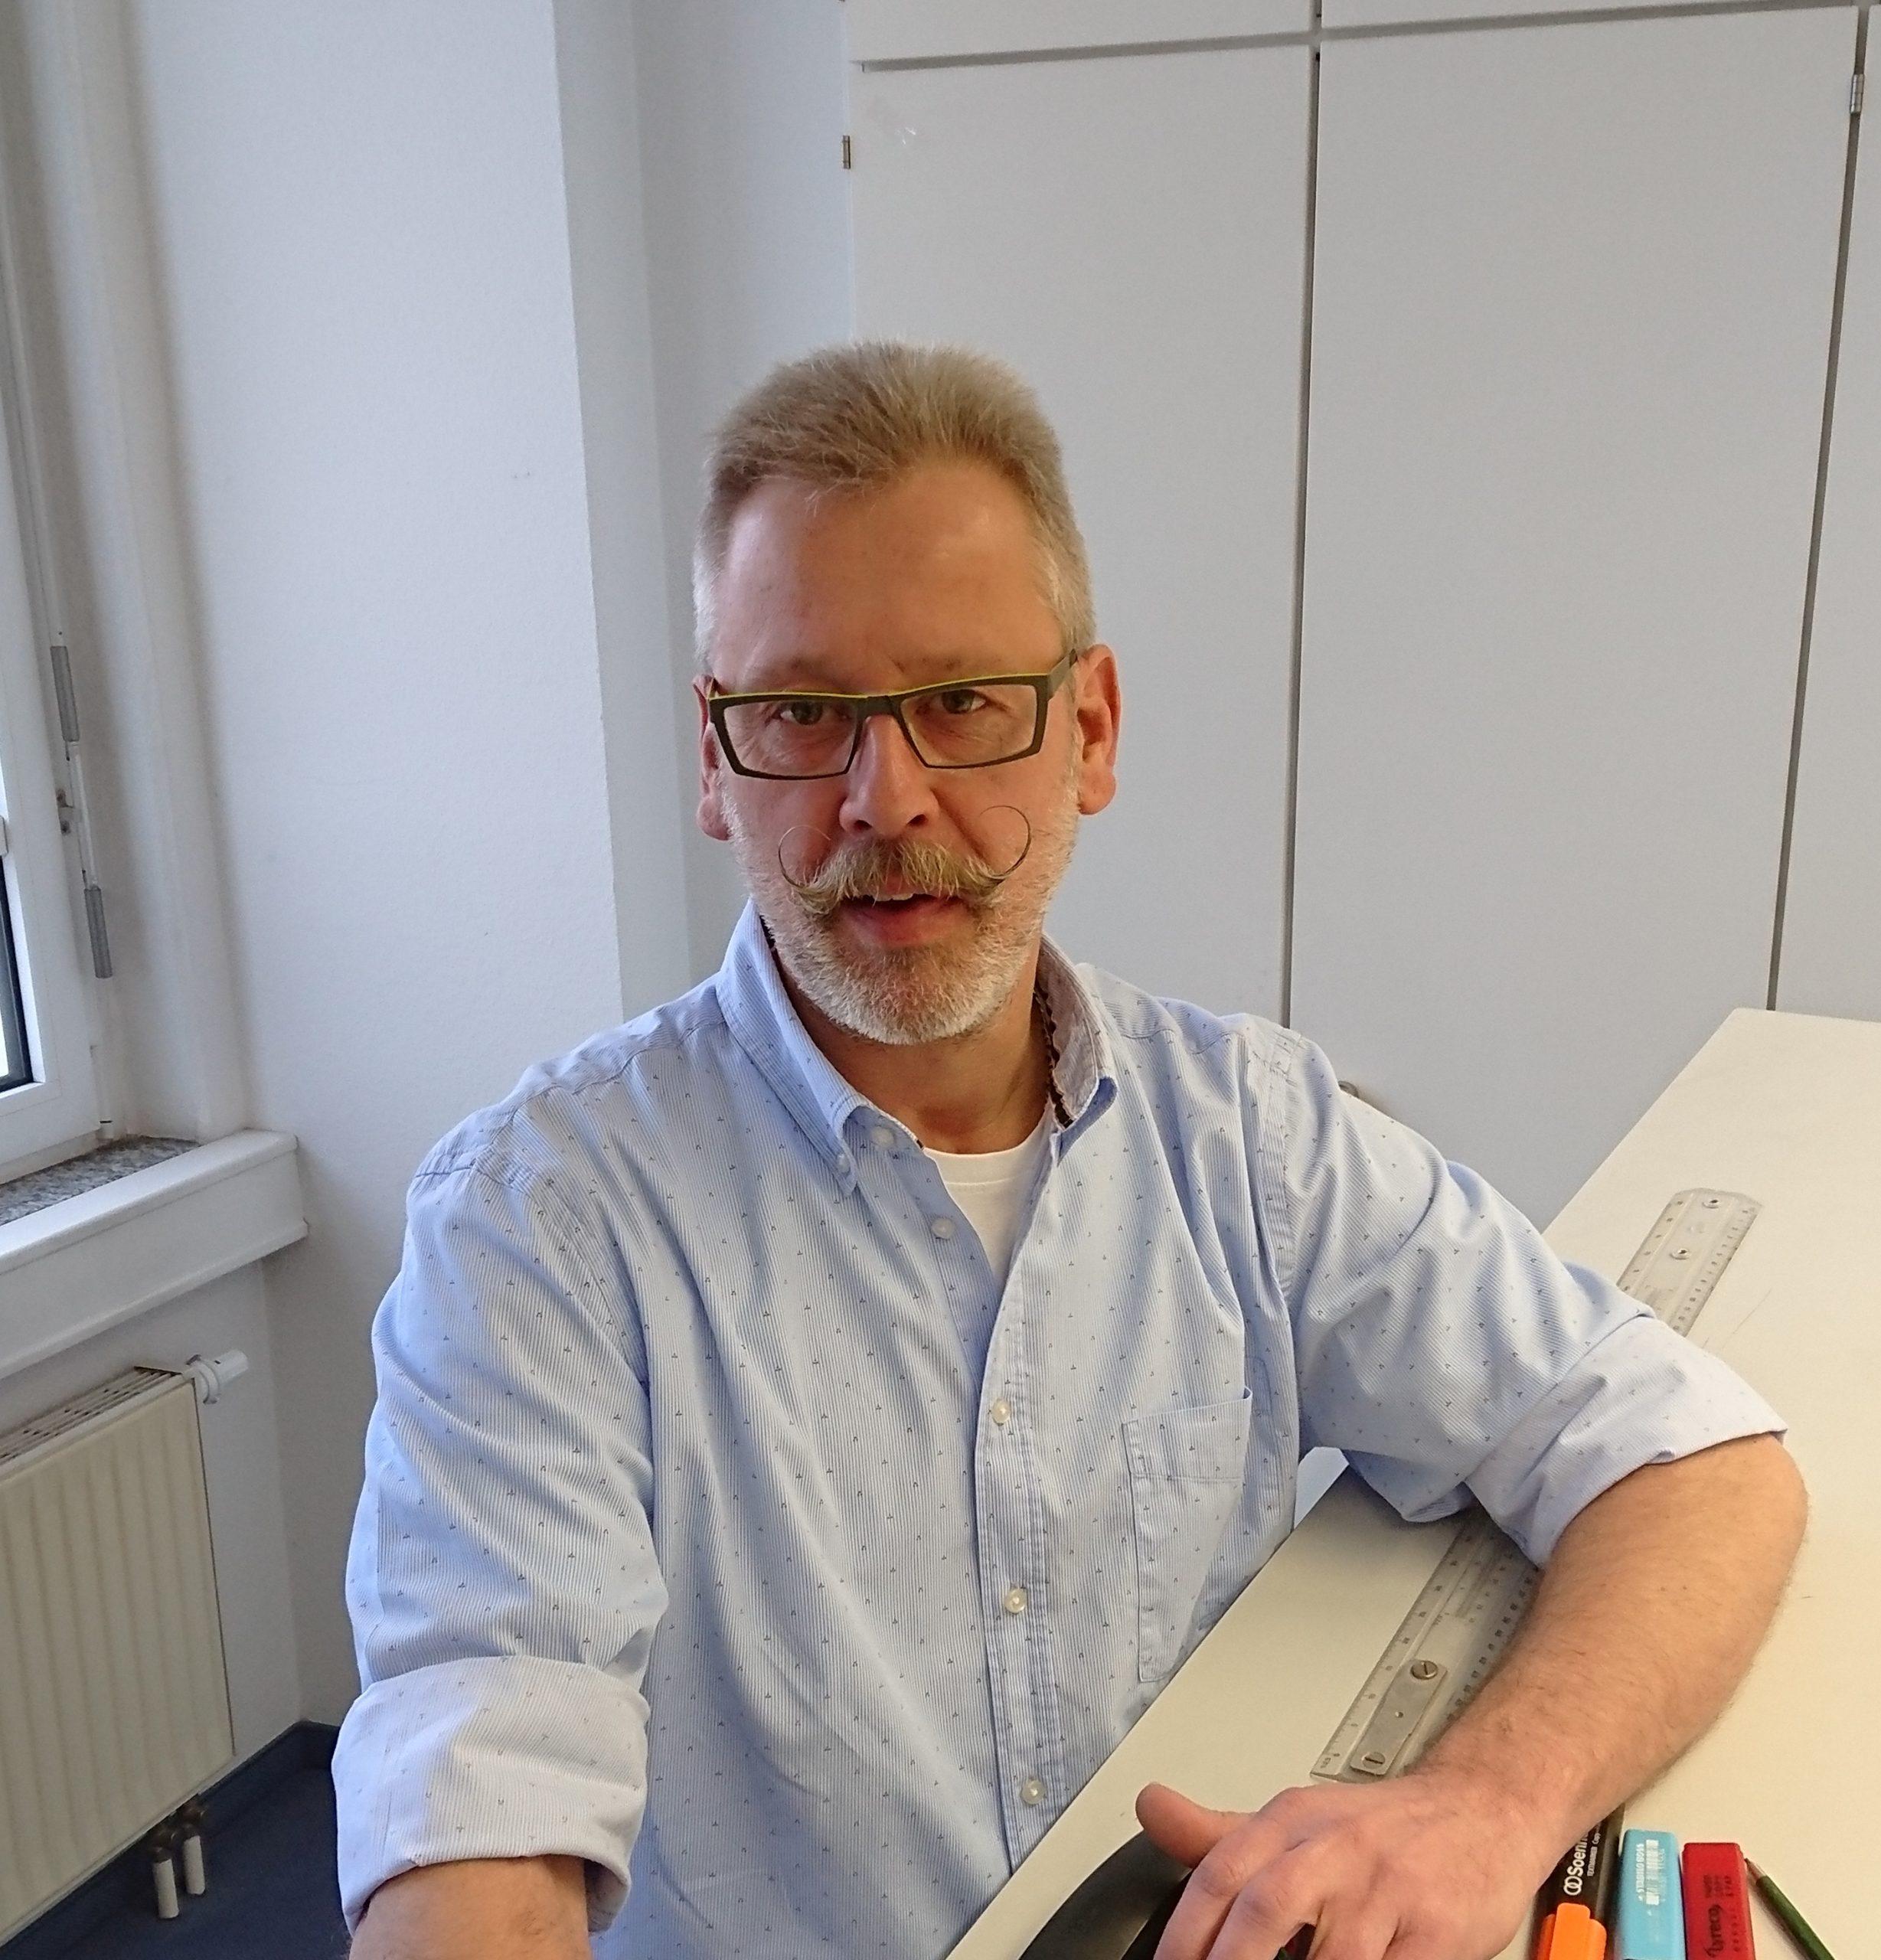 Dieter Proschaska